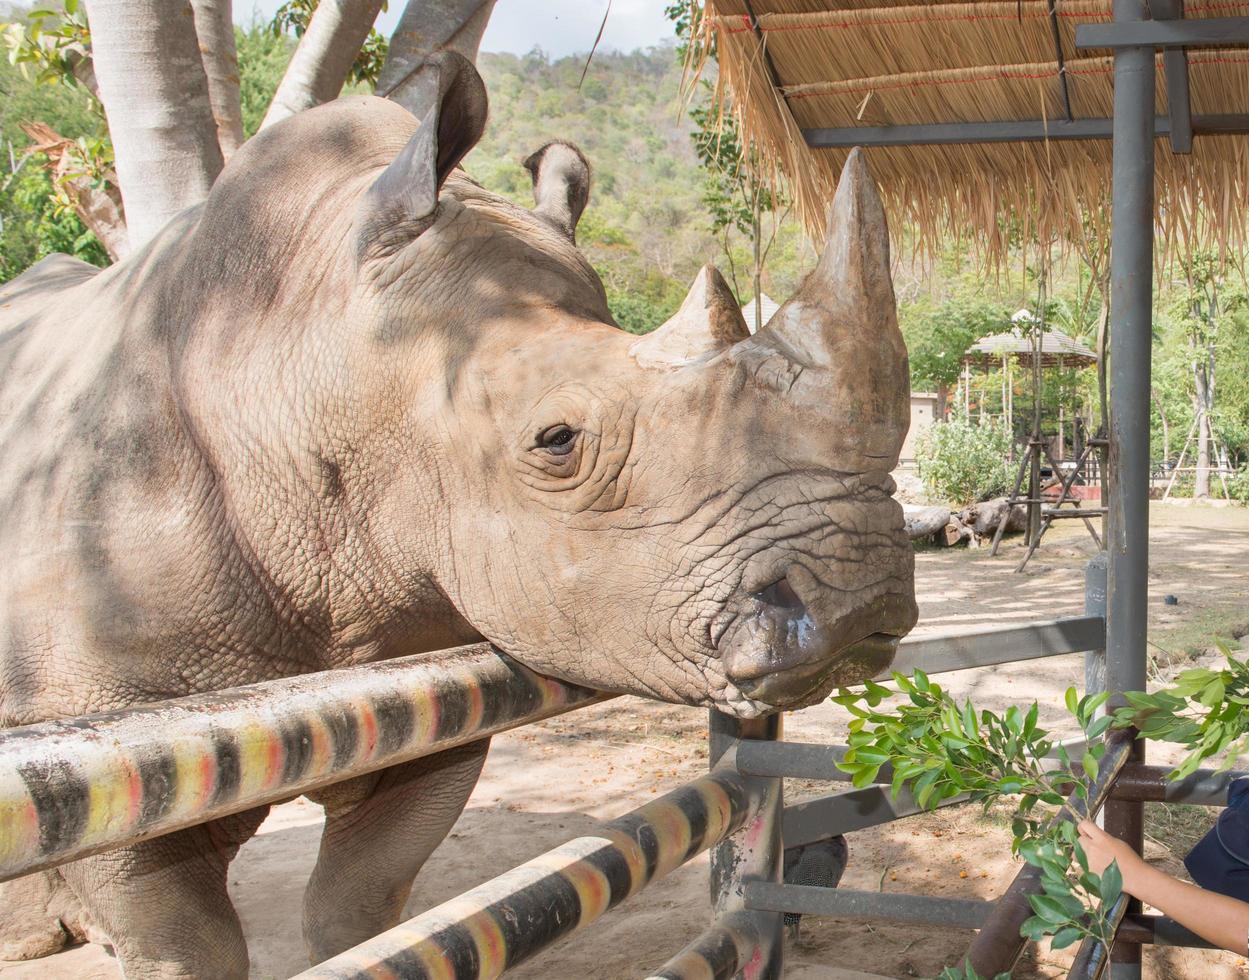 Una foto de un rinoceronte blanco en peligro de extinción come hierba